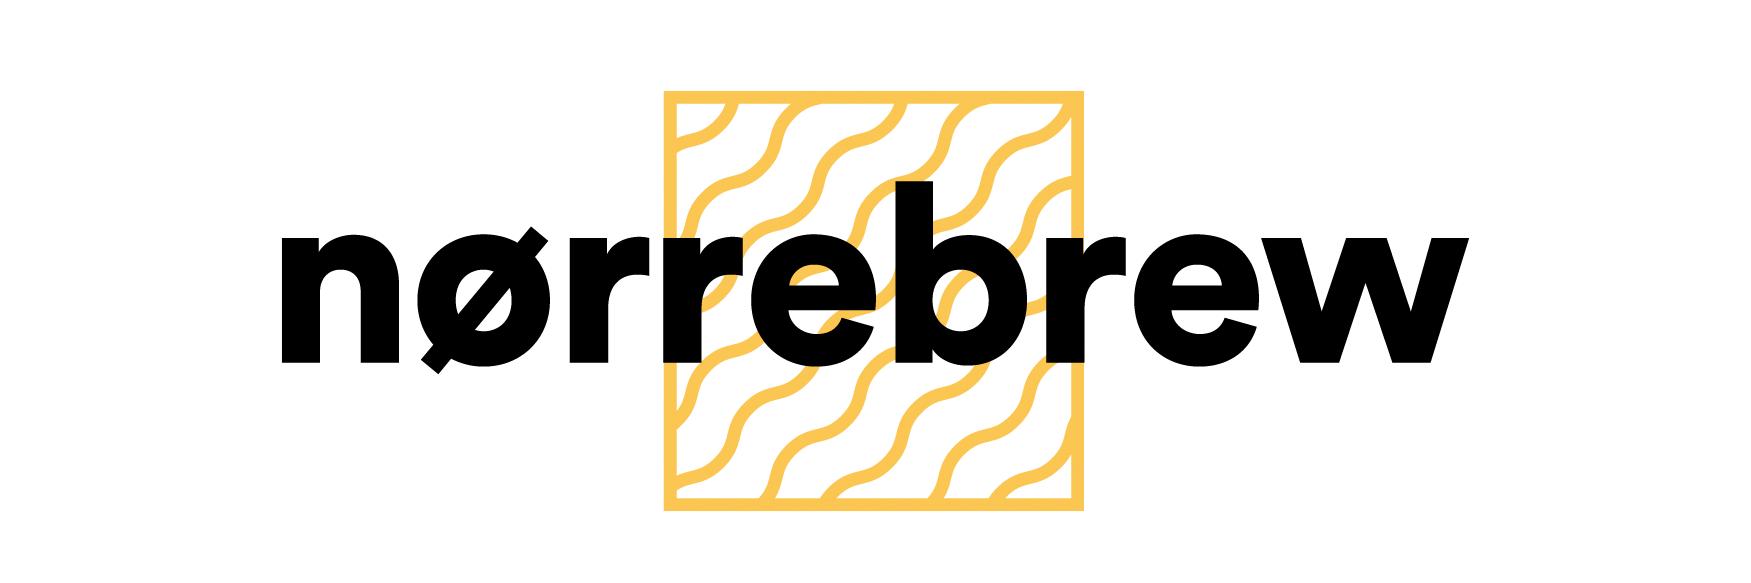 Nørrebrew